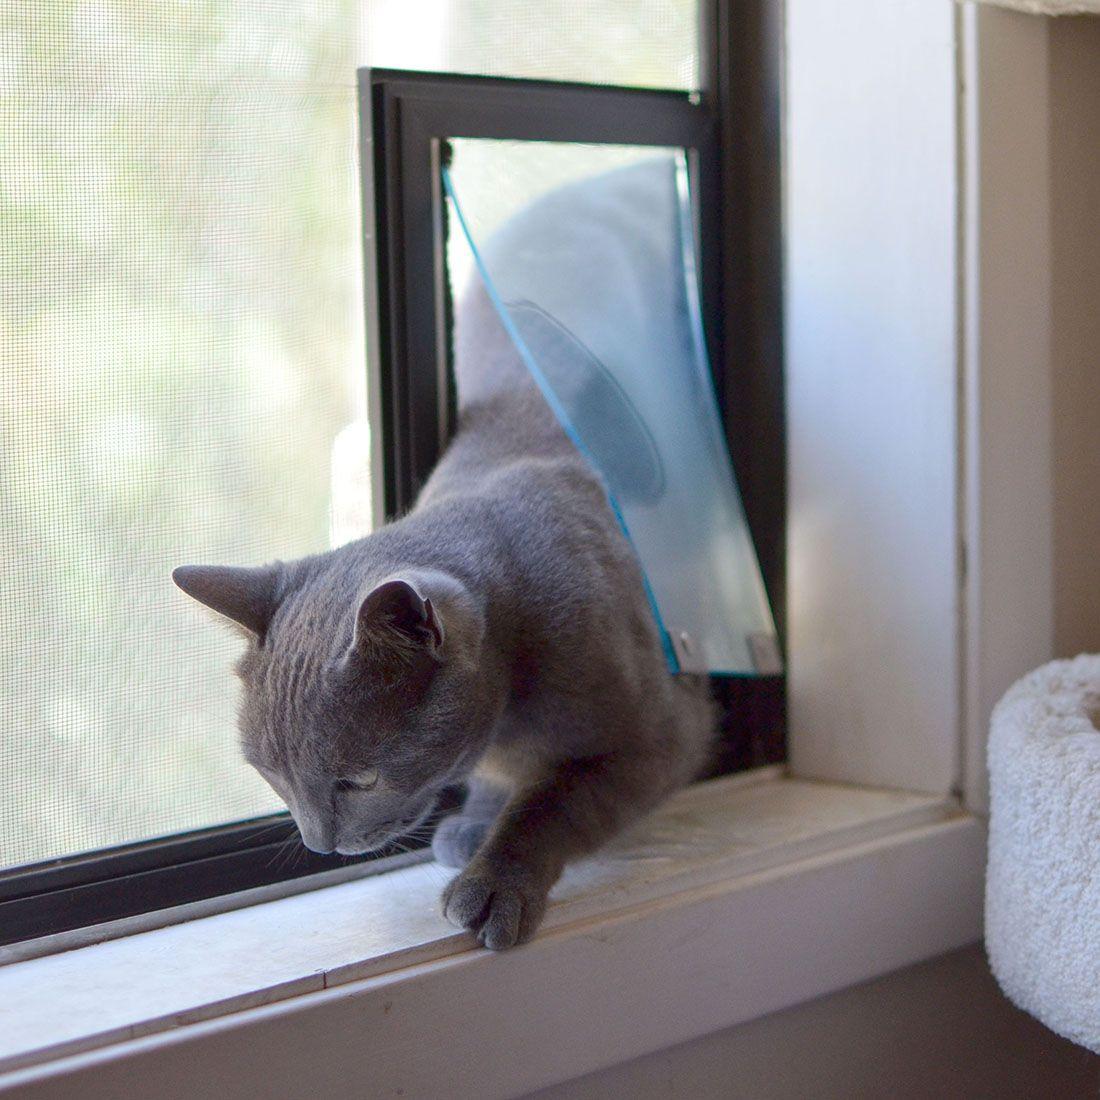 Hale flexible cat flap pet doors for screens cat door